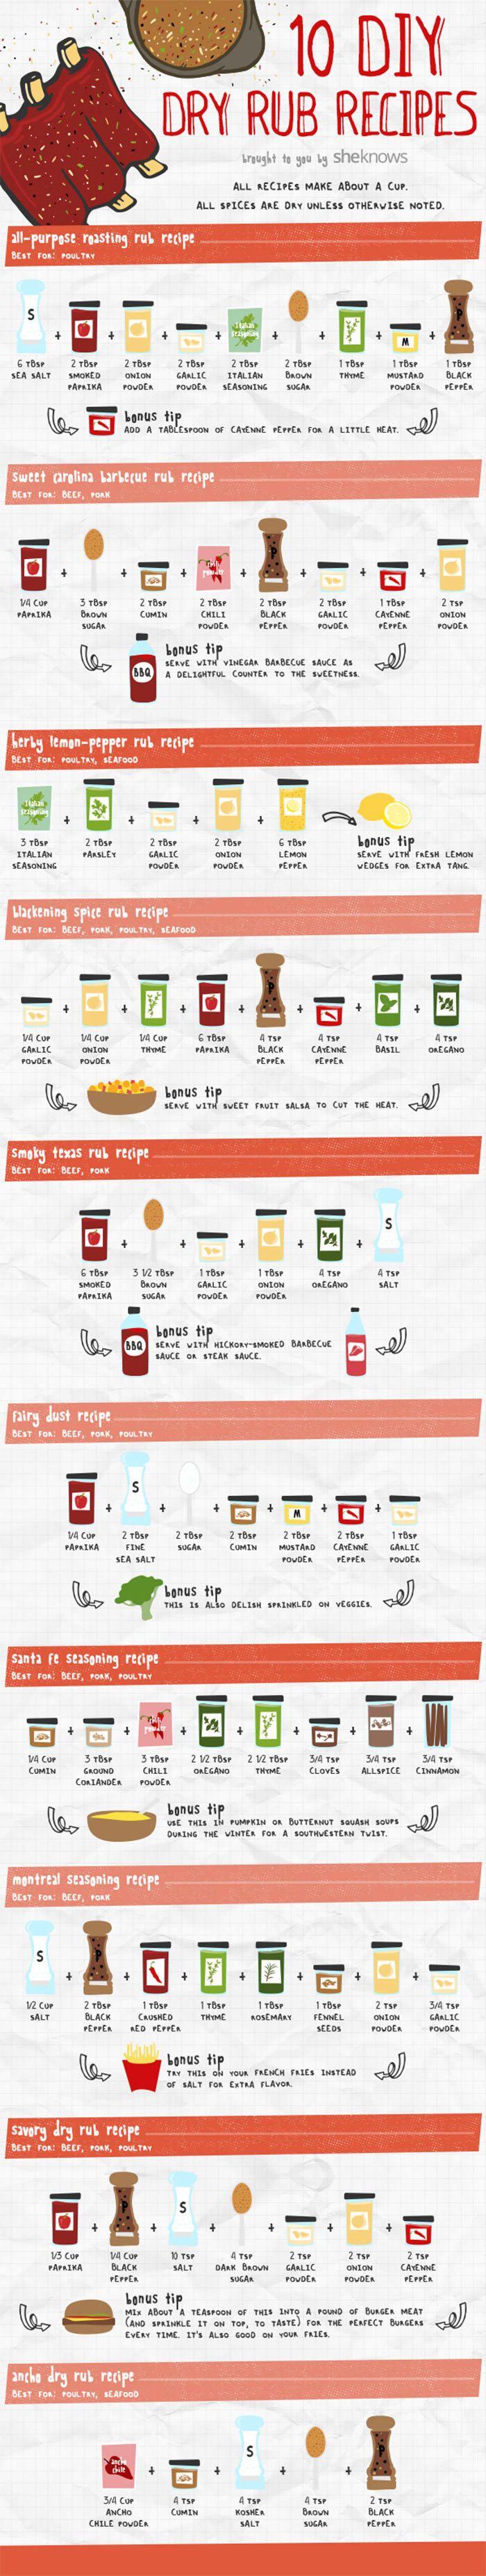 10 DIY dry rub recipes